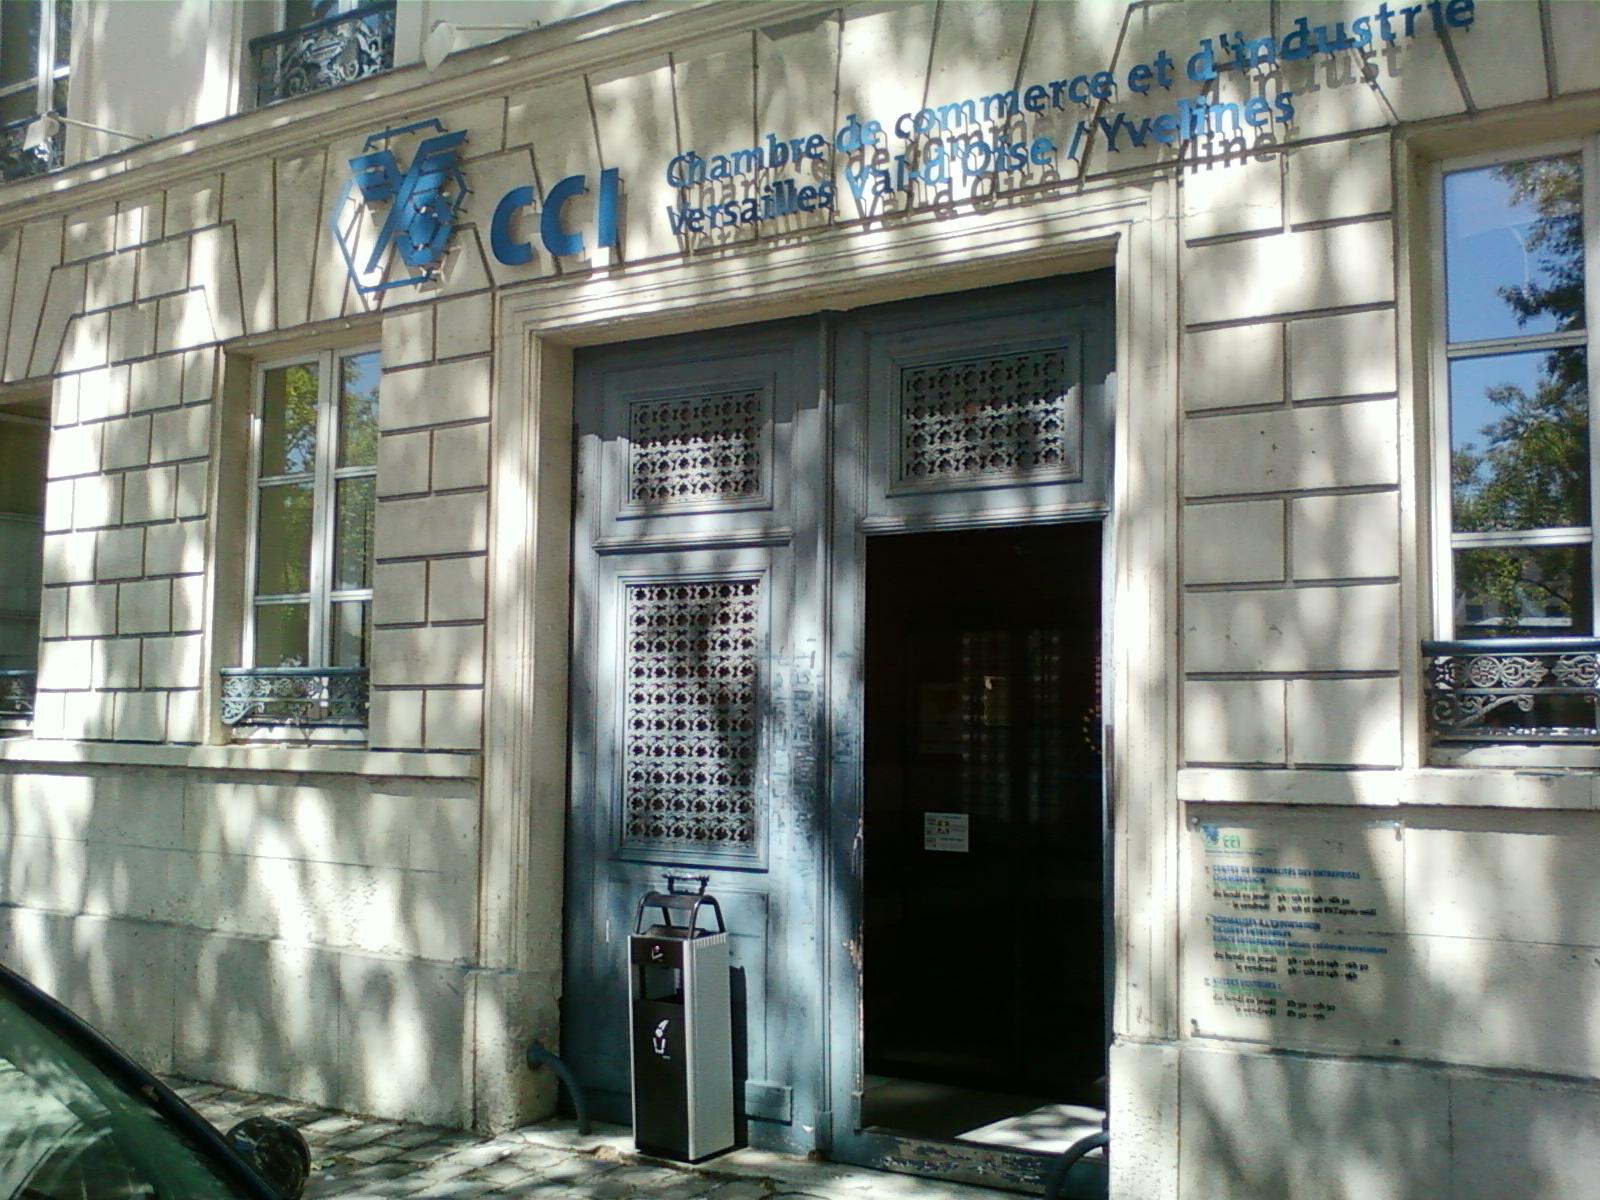 Chambre du commerce et de l 39 artisanat artisanat et - Chambre du commerce bayonne ...